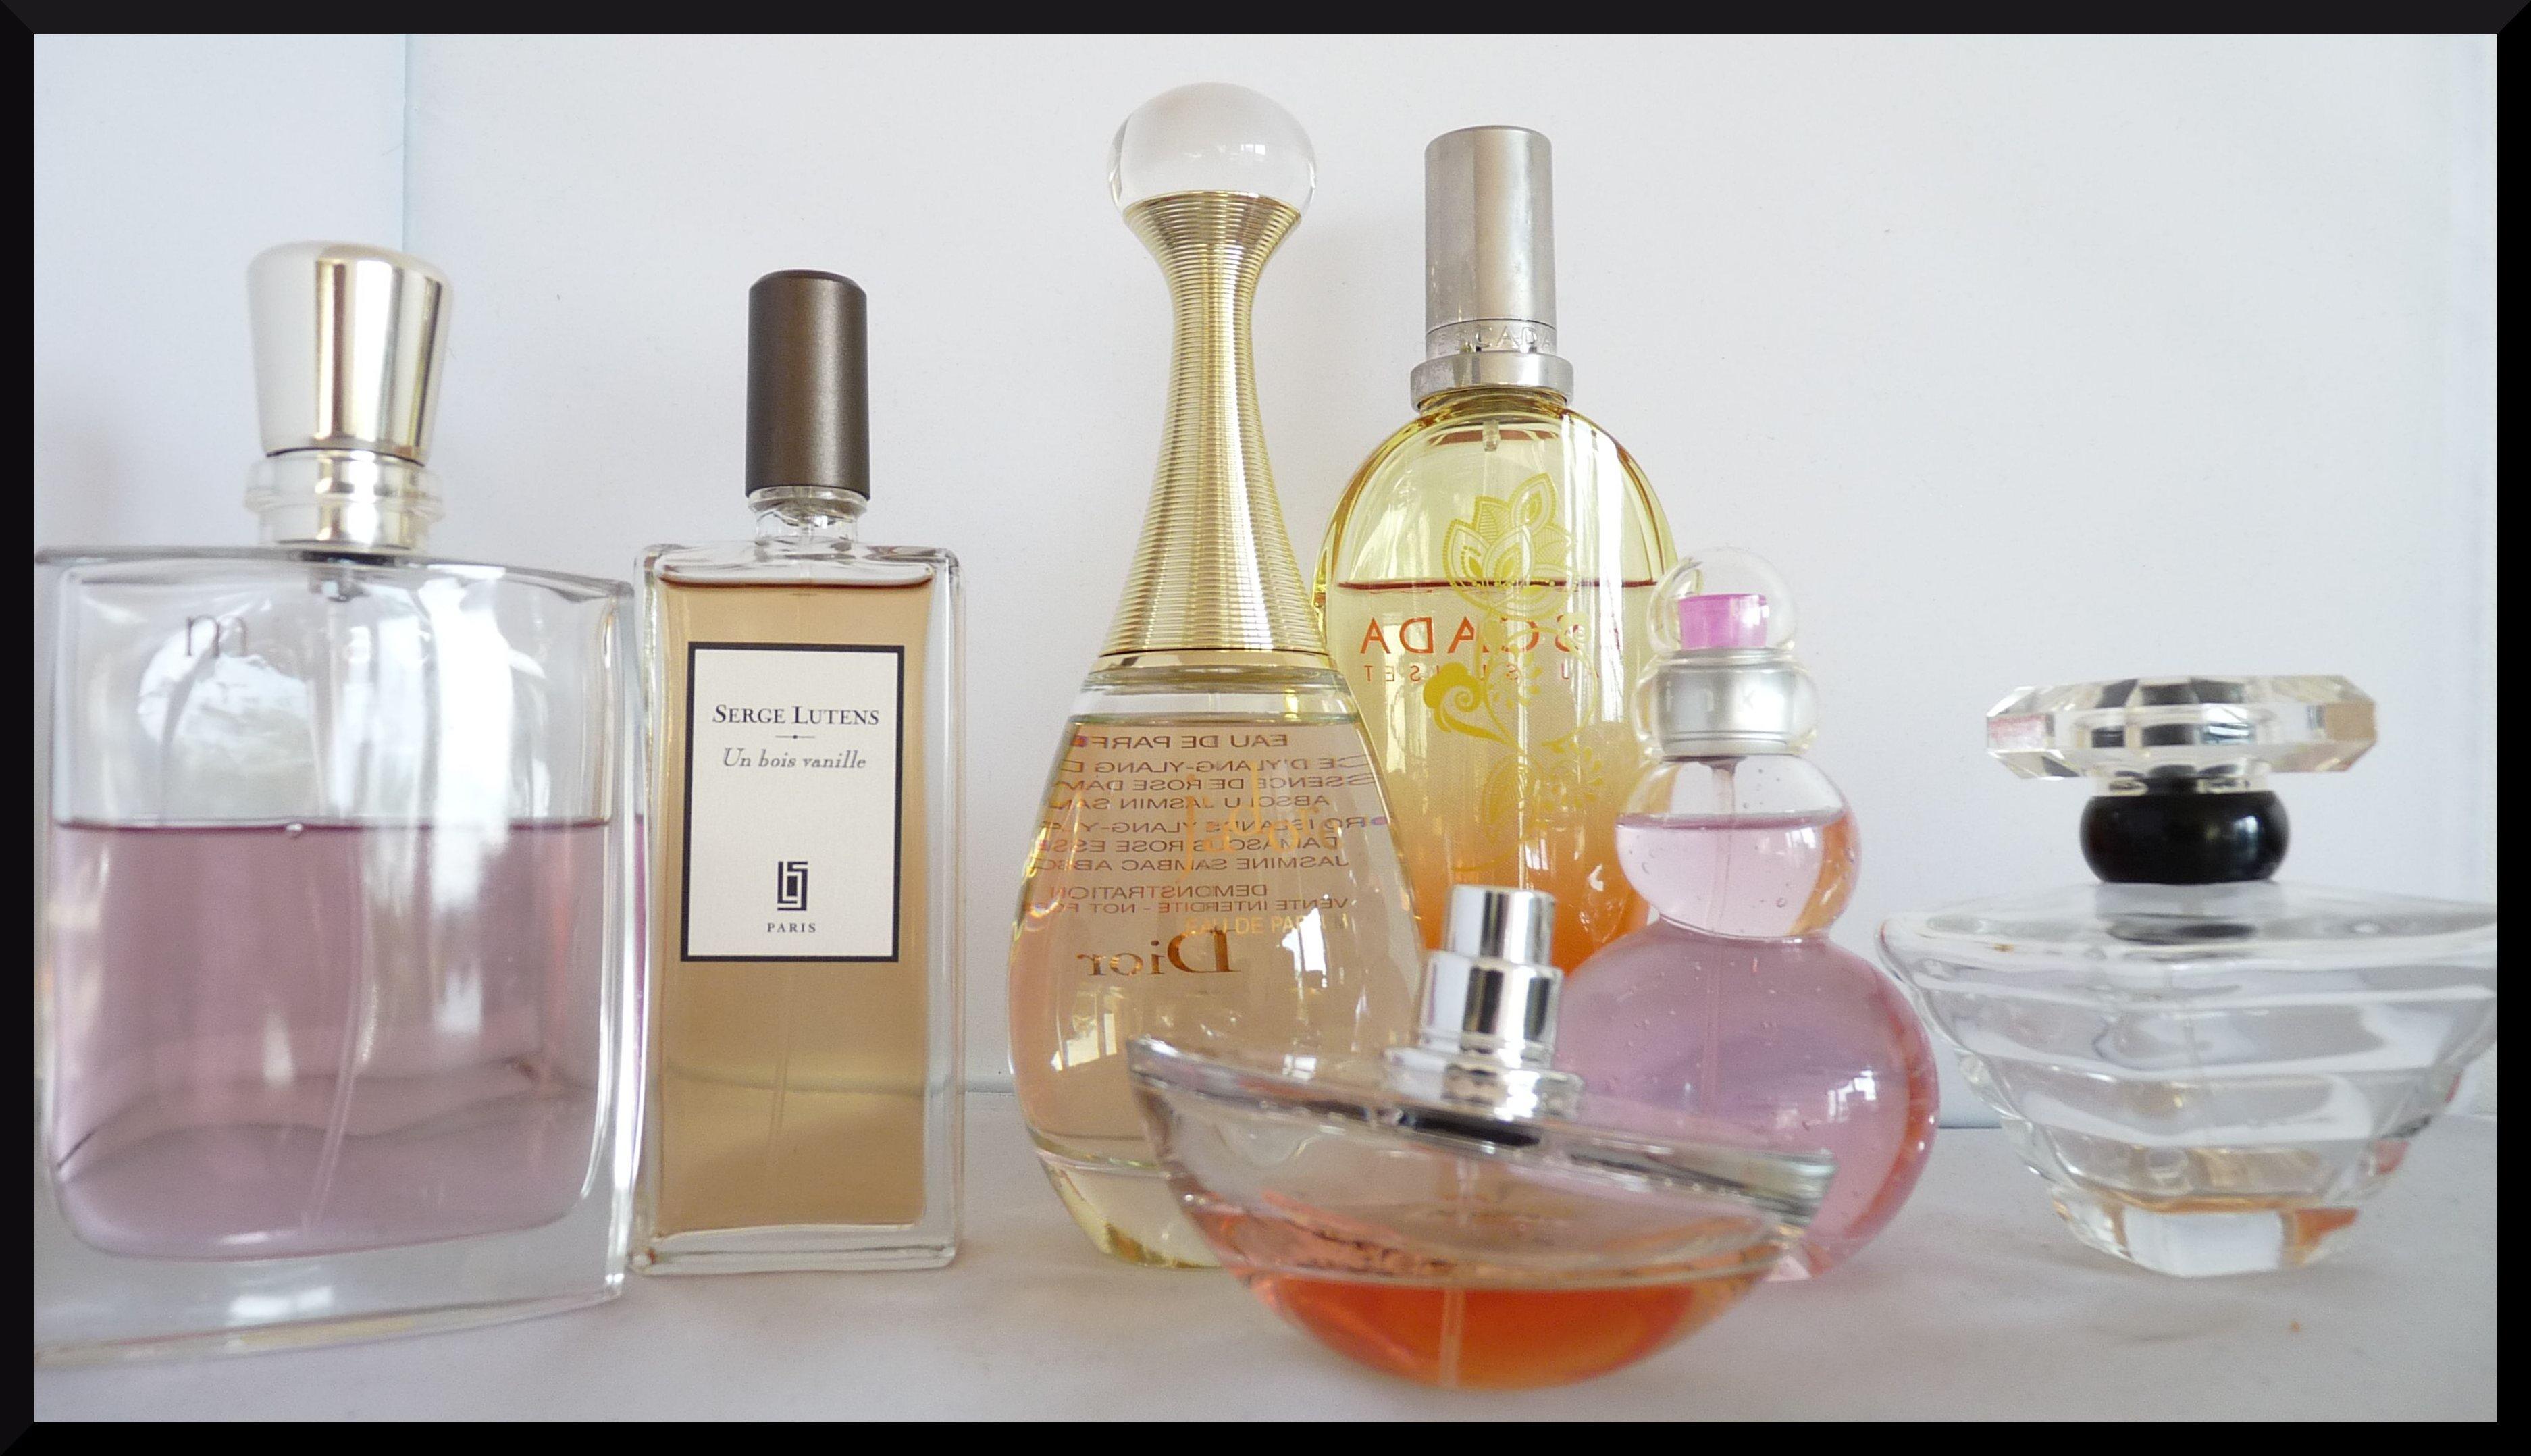 Dior Le Parfum Dexception Que Jadore La Lu Totale